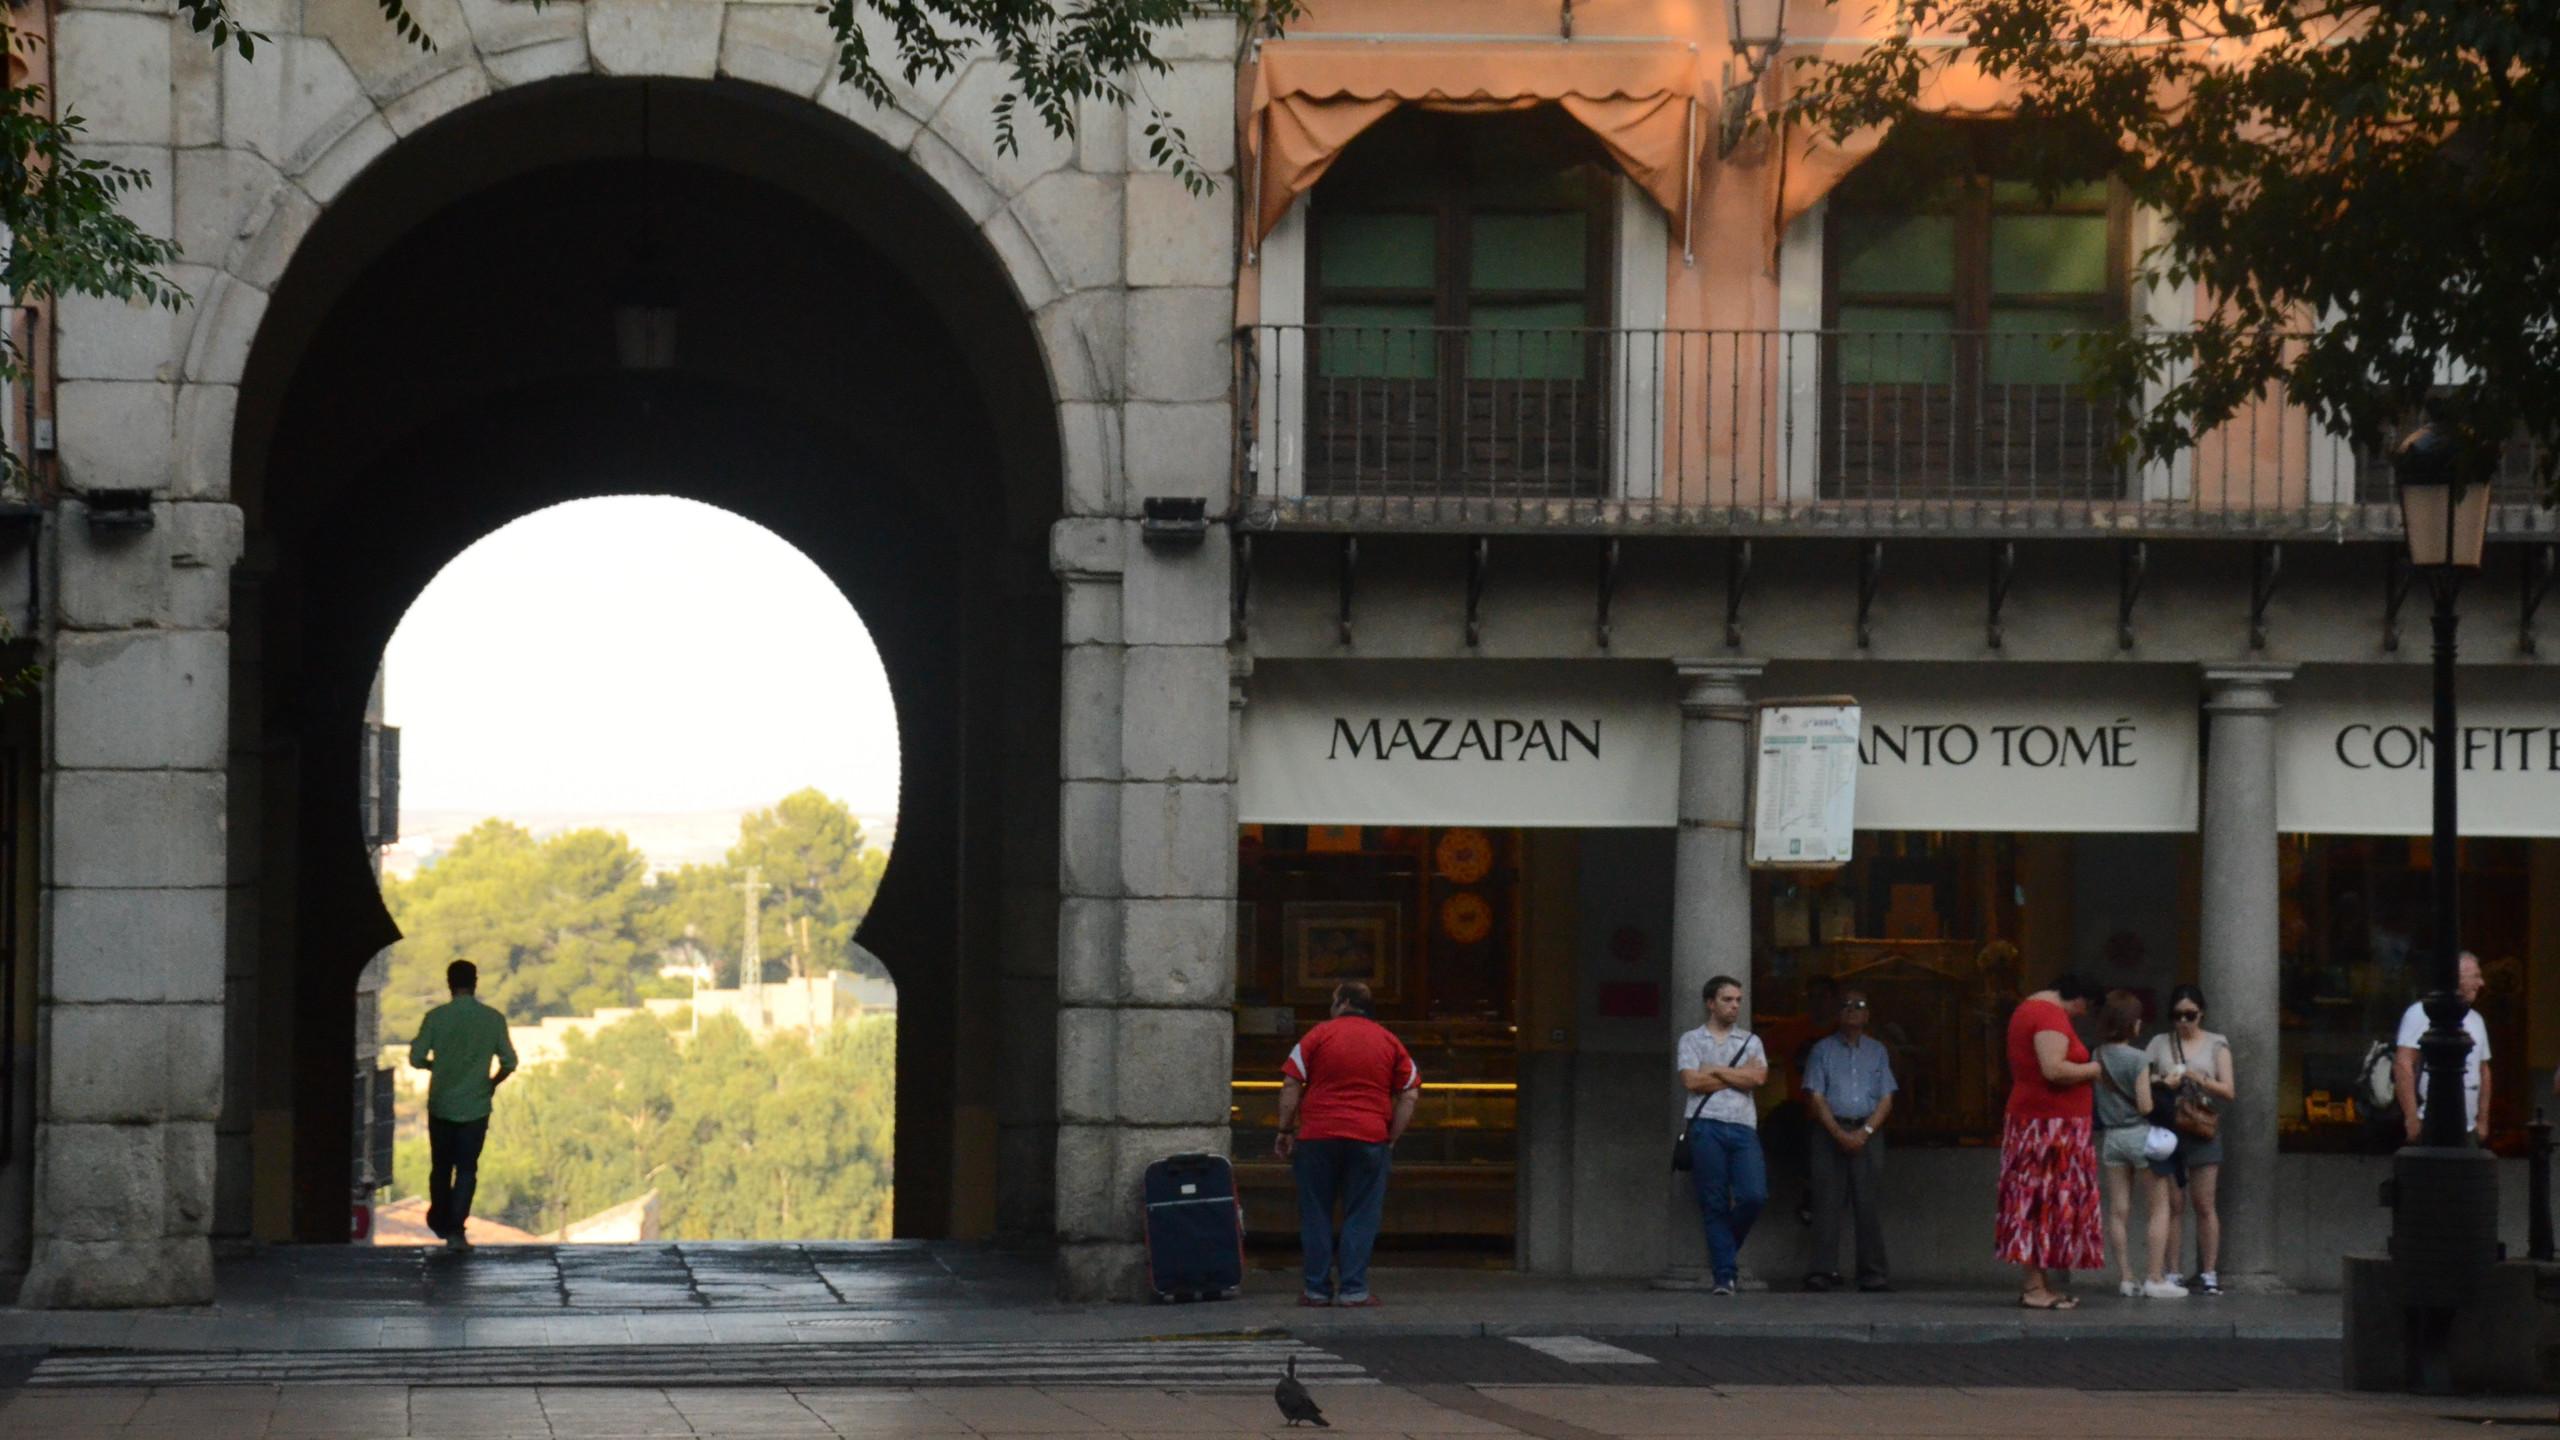 Ali é uma padaria onde se vende o doce tradicional da cidade, Mazapan. Esta praça é o centro da cidade murada, com vários restaurantes e pertinho do palácio.